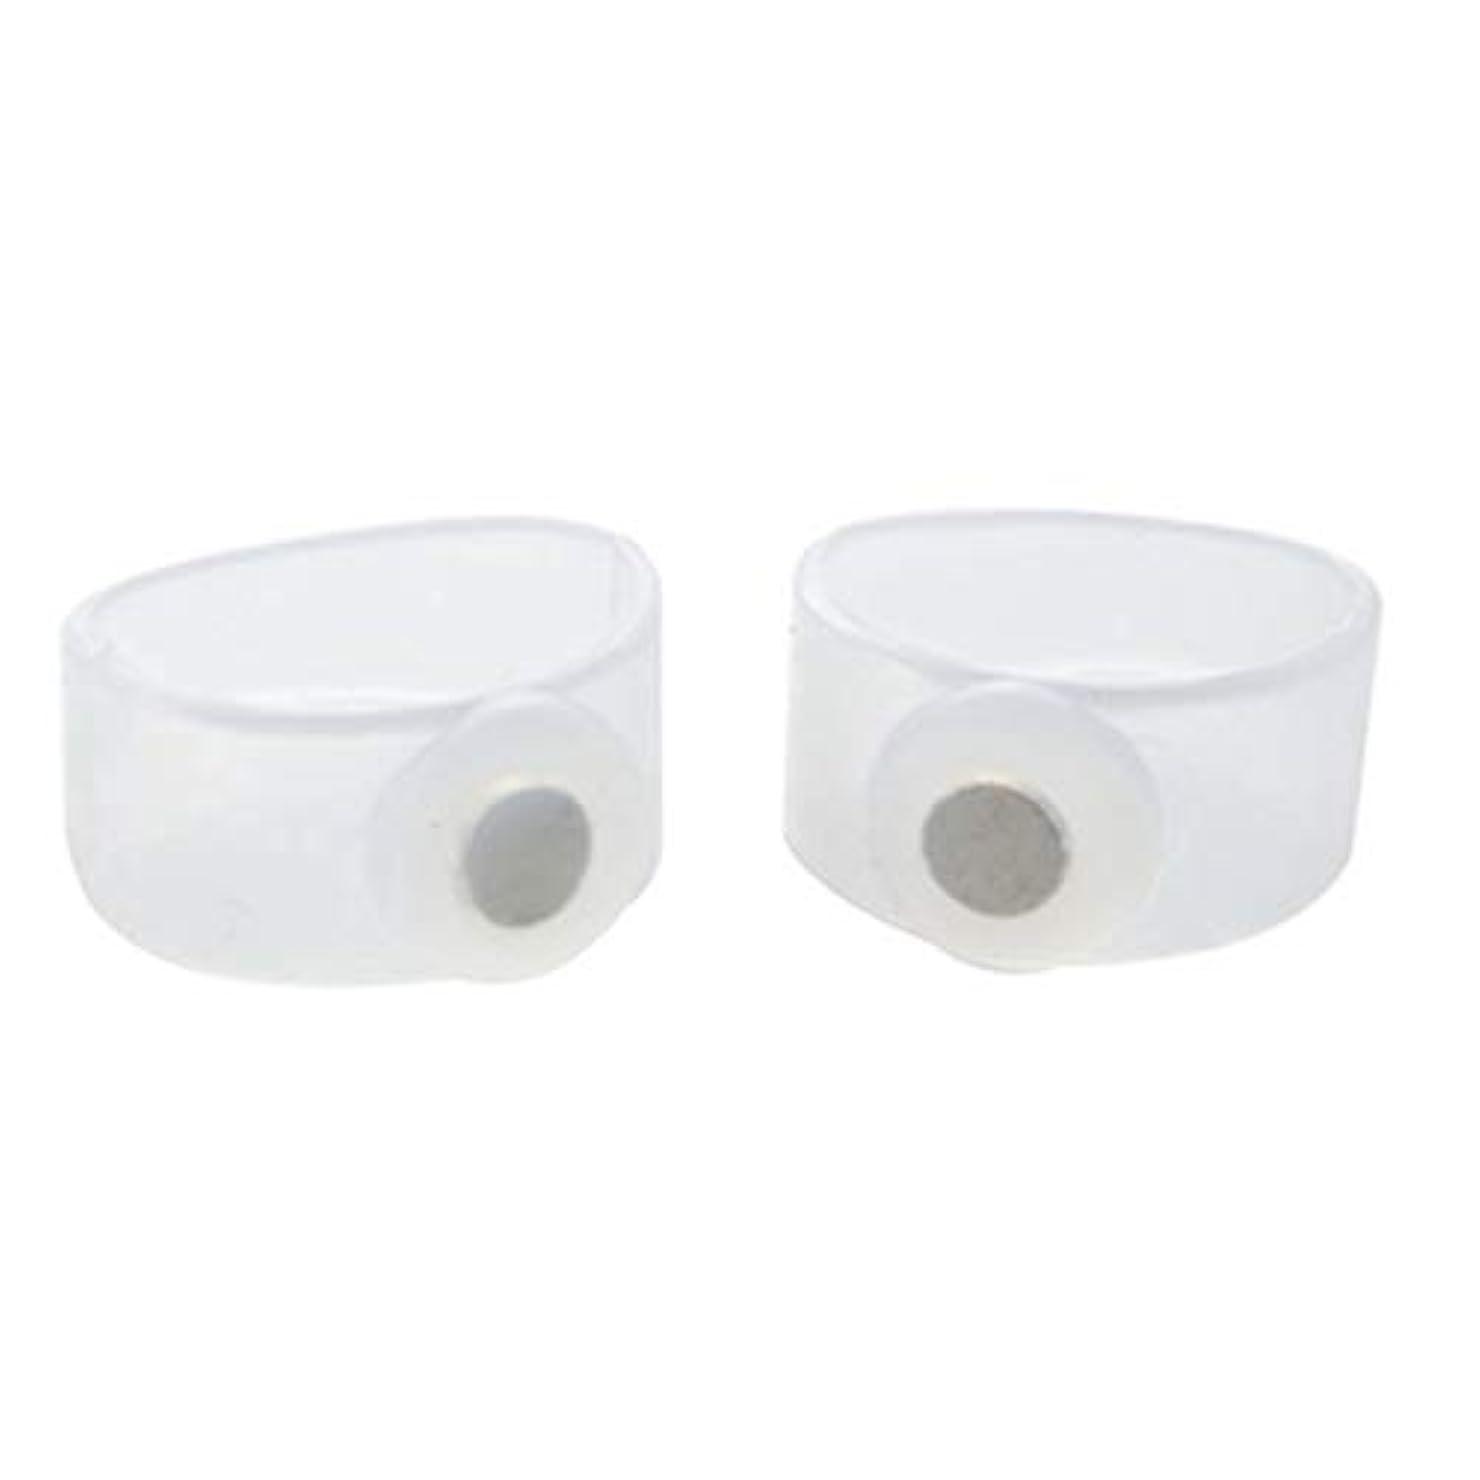 解放あるシネウィBirdlantern 2ピース痩身シリコン磁気フットマッサージャーマッサージリラックスつま先リング用減量ヘルスケアツール美容製品